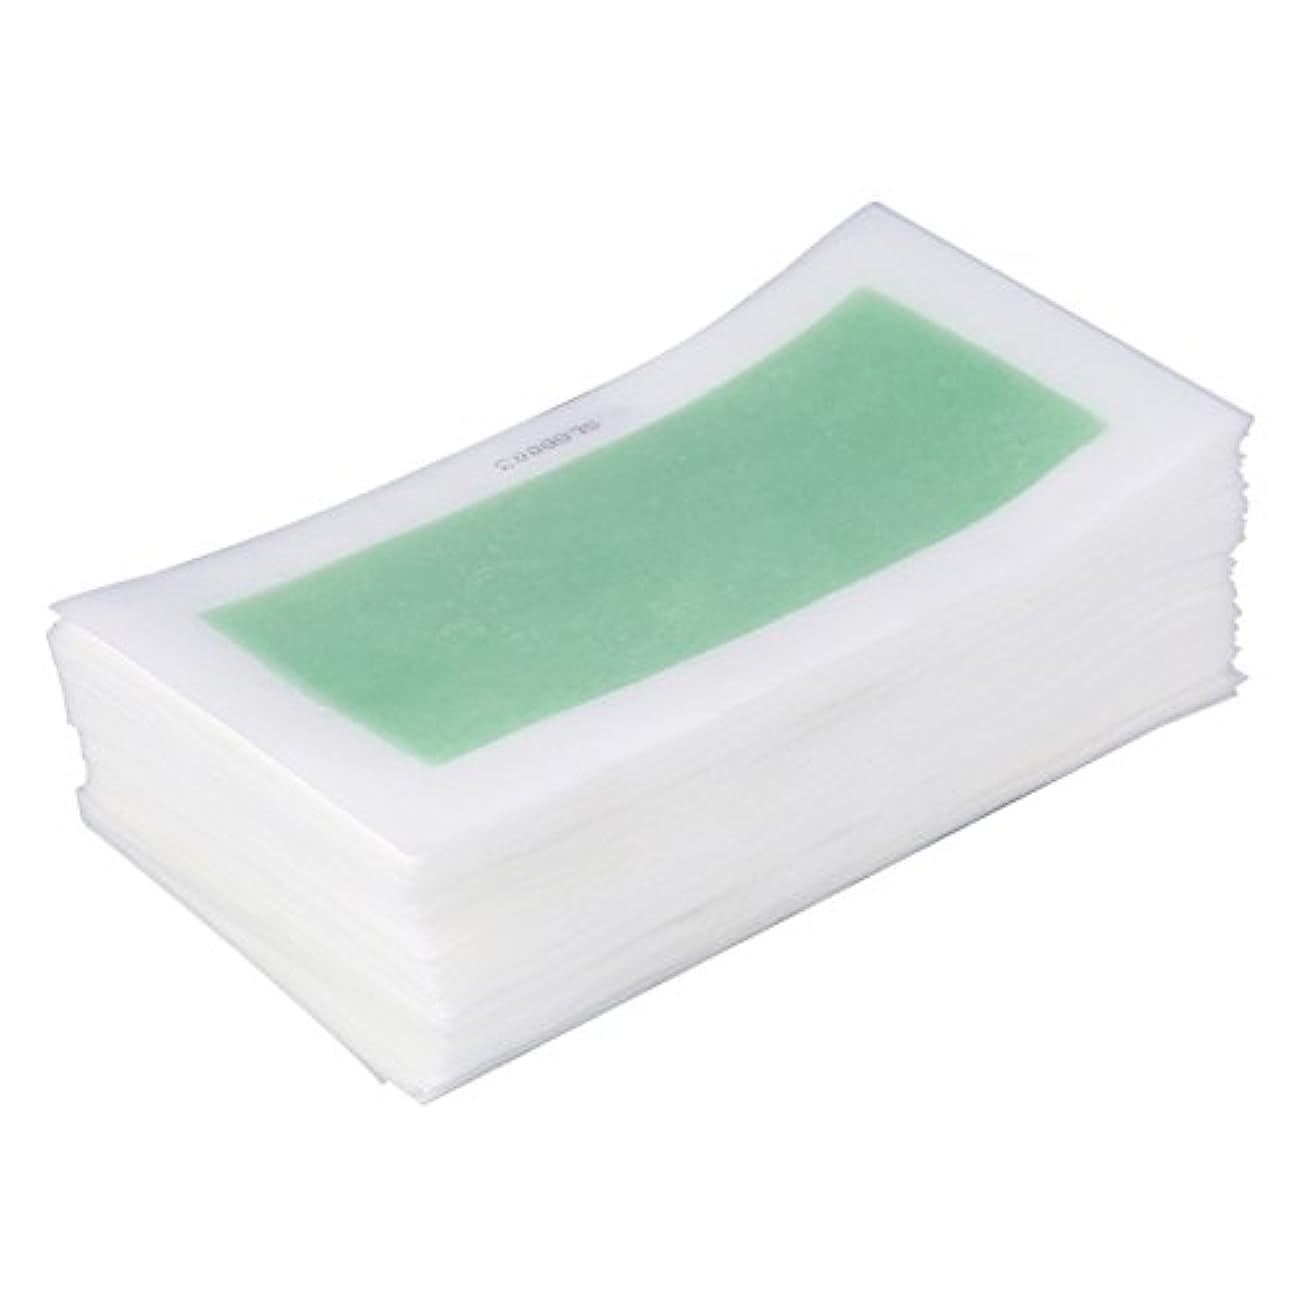 しかしながら複雑内陸Eboxer  脱毛ワックス紙 10個セット入 有効的 美容 使用便利 使い捨て 男女兼用 両面シート脱毛シート